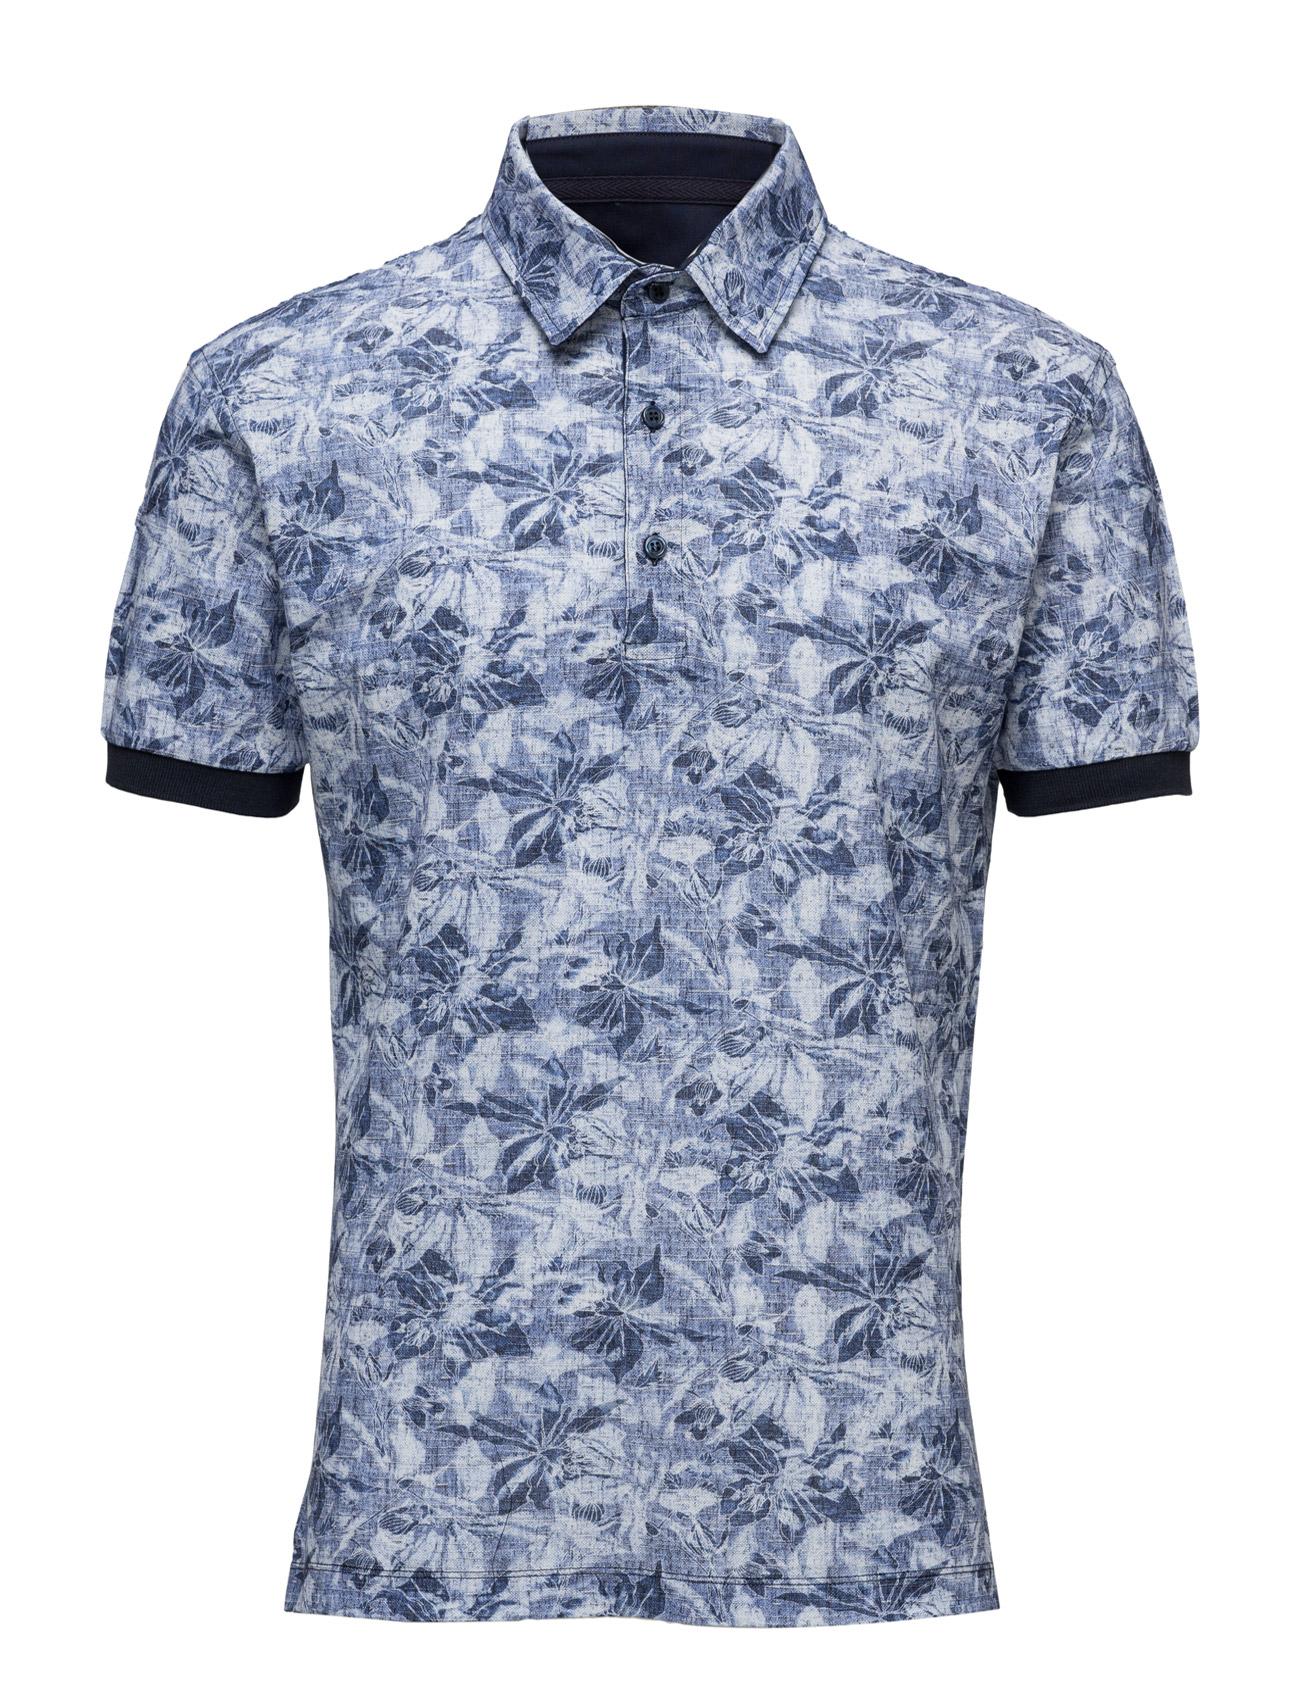 4854 - Denton S. SAND Kortærmede polo t-shirts til Herrer i Mønster